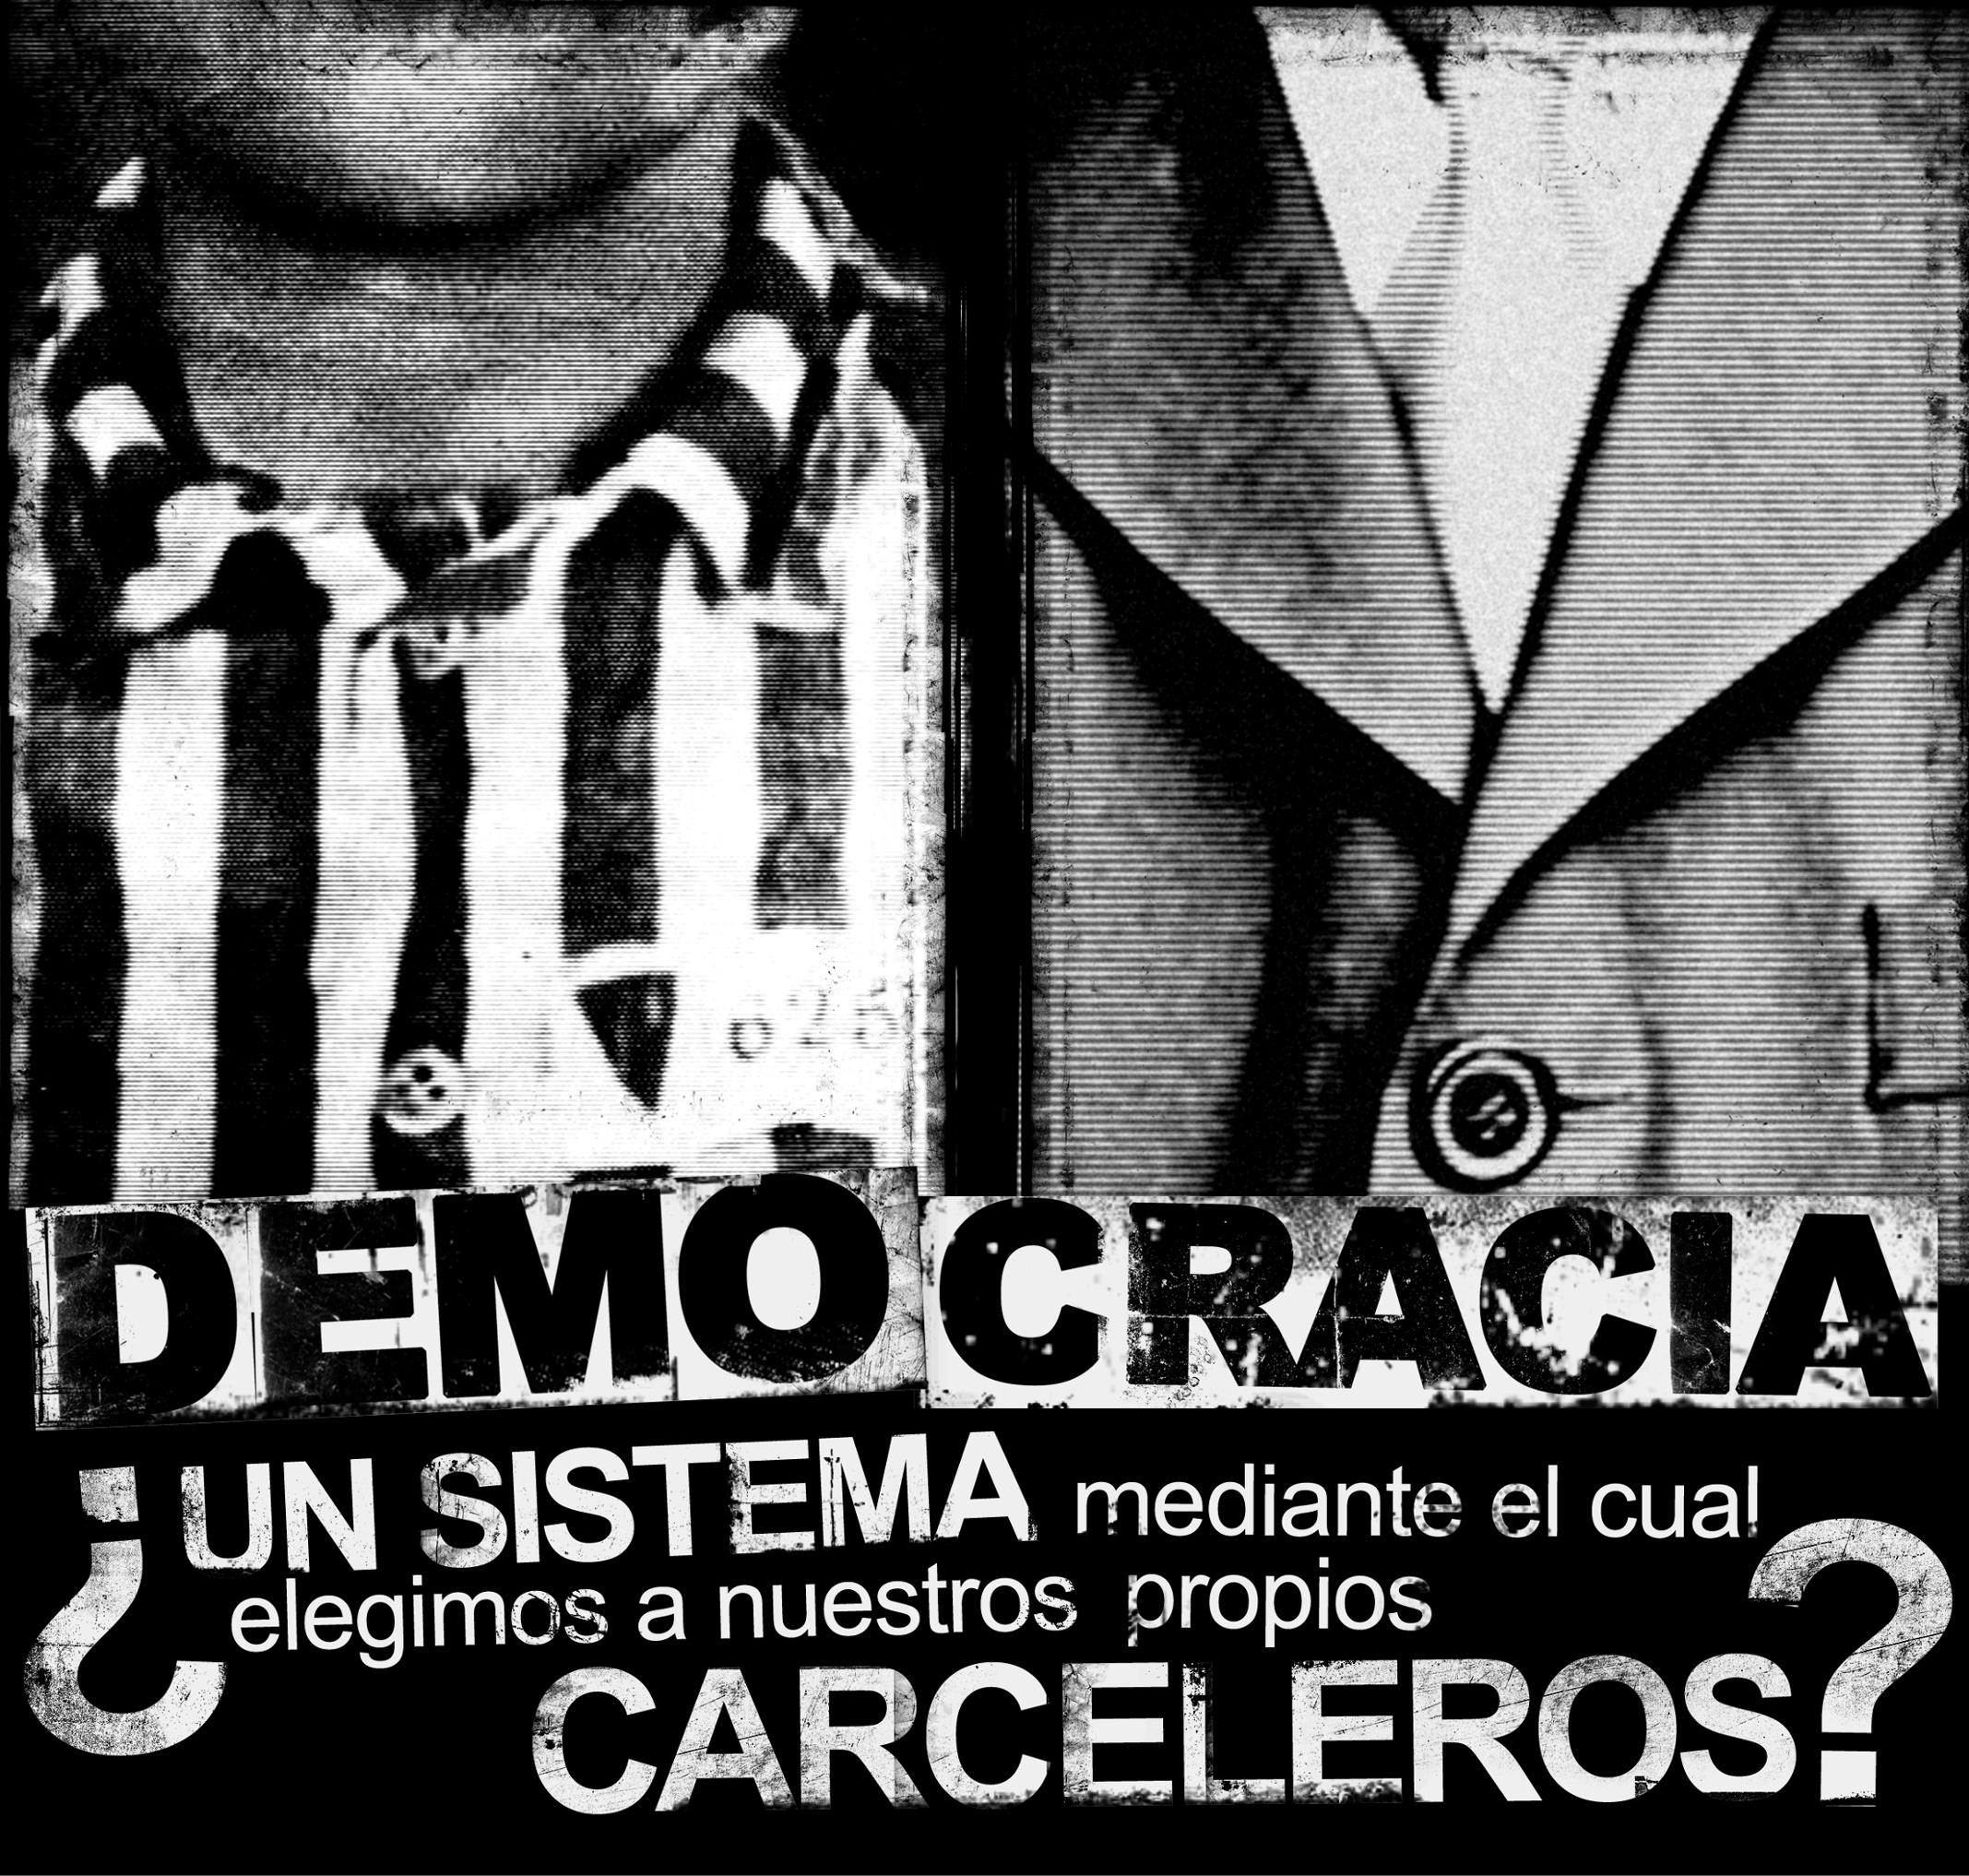 Breve reflexión acerca del sistema democrático chileno